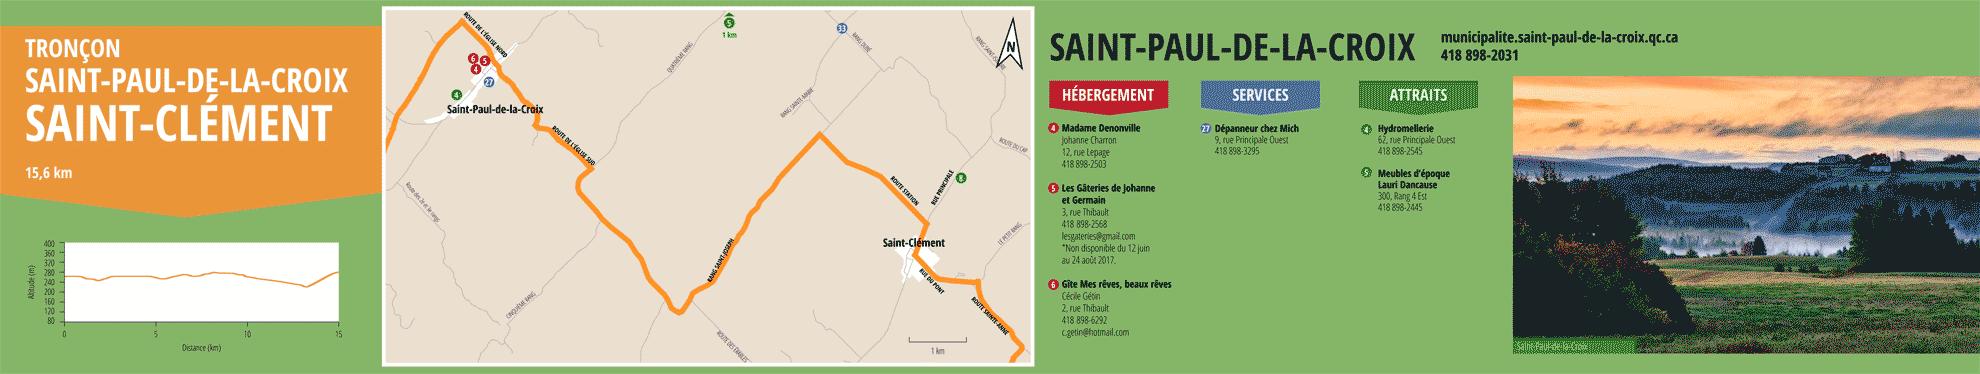 La Route des passants - Tronçon Saint-Paul-de-la-Croix/Saint-Clément